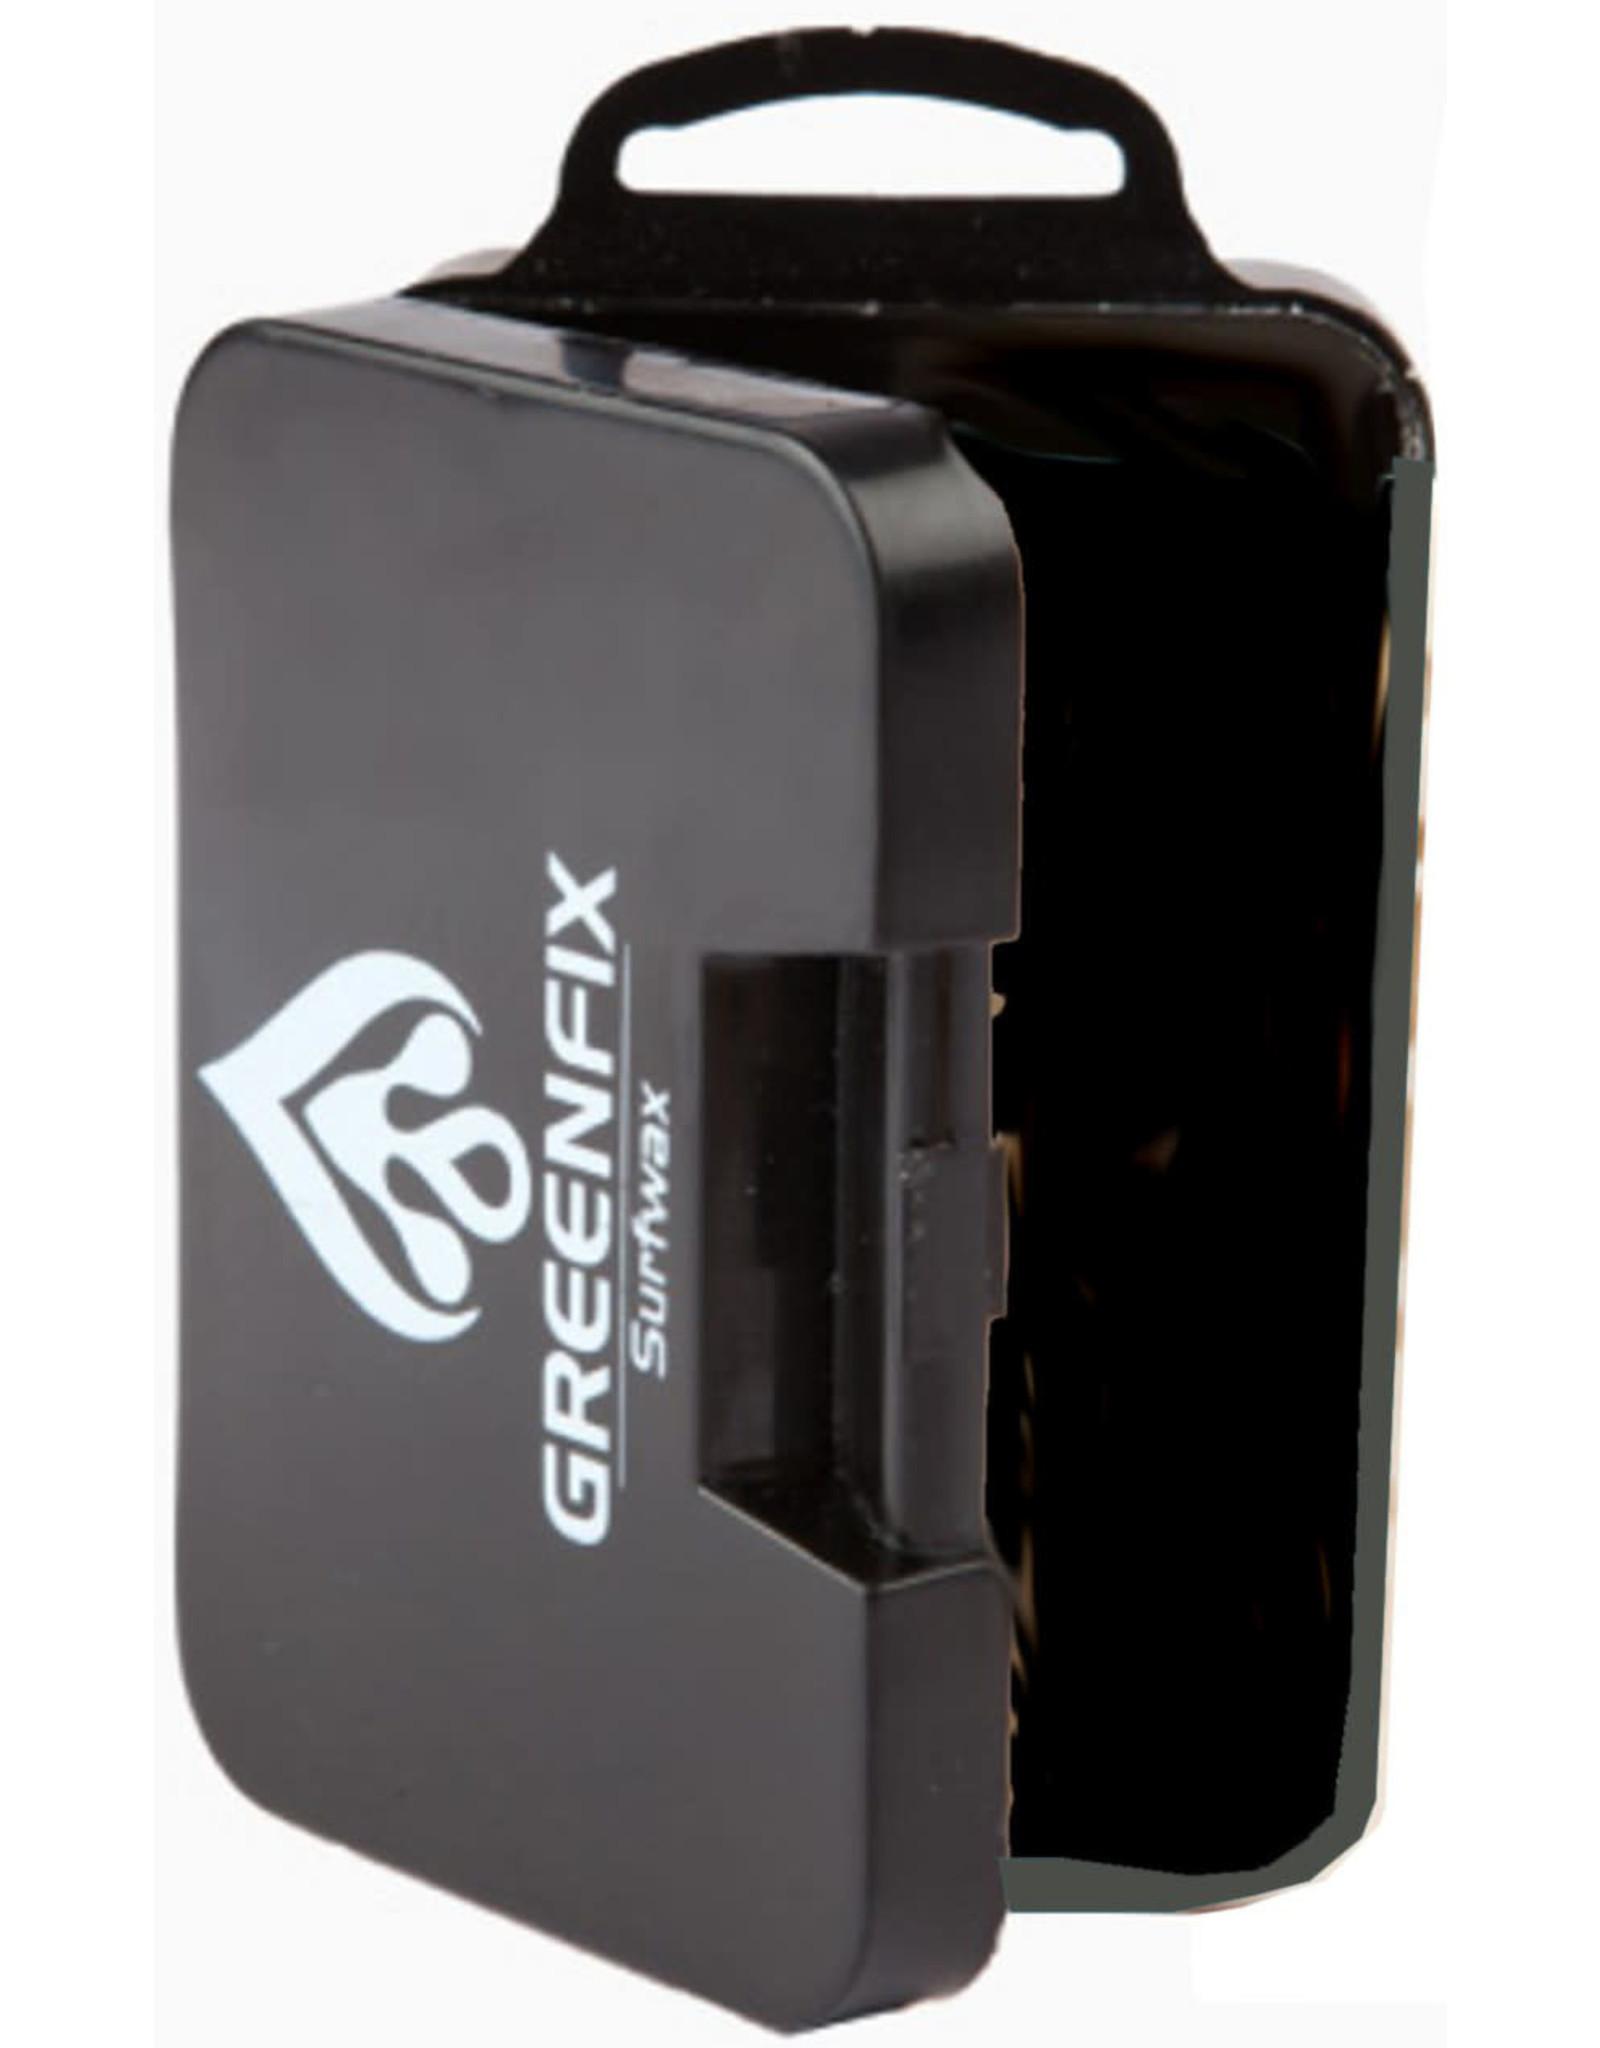 GreenFix Greenfix Surf Wax Box